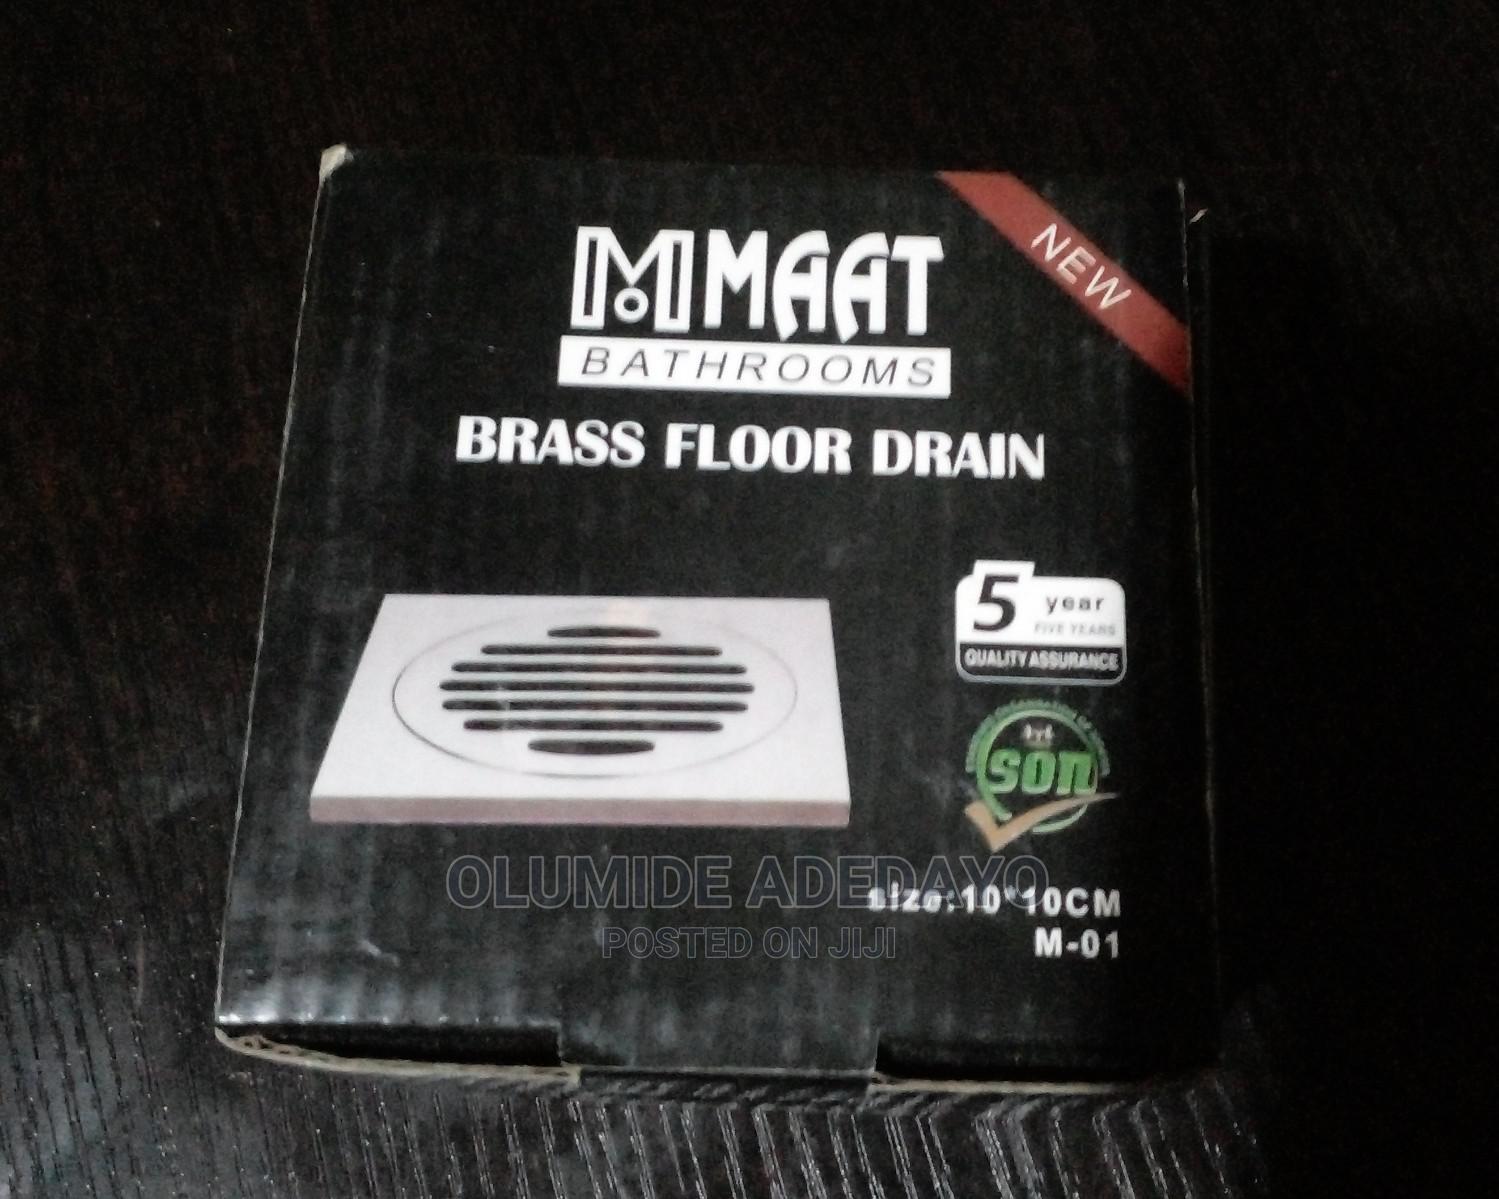 MAAT Brass Floor Drains